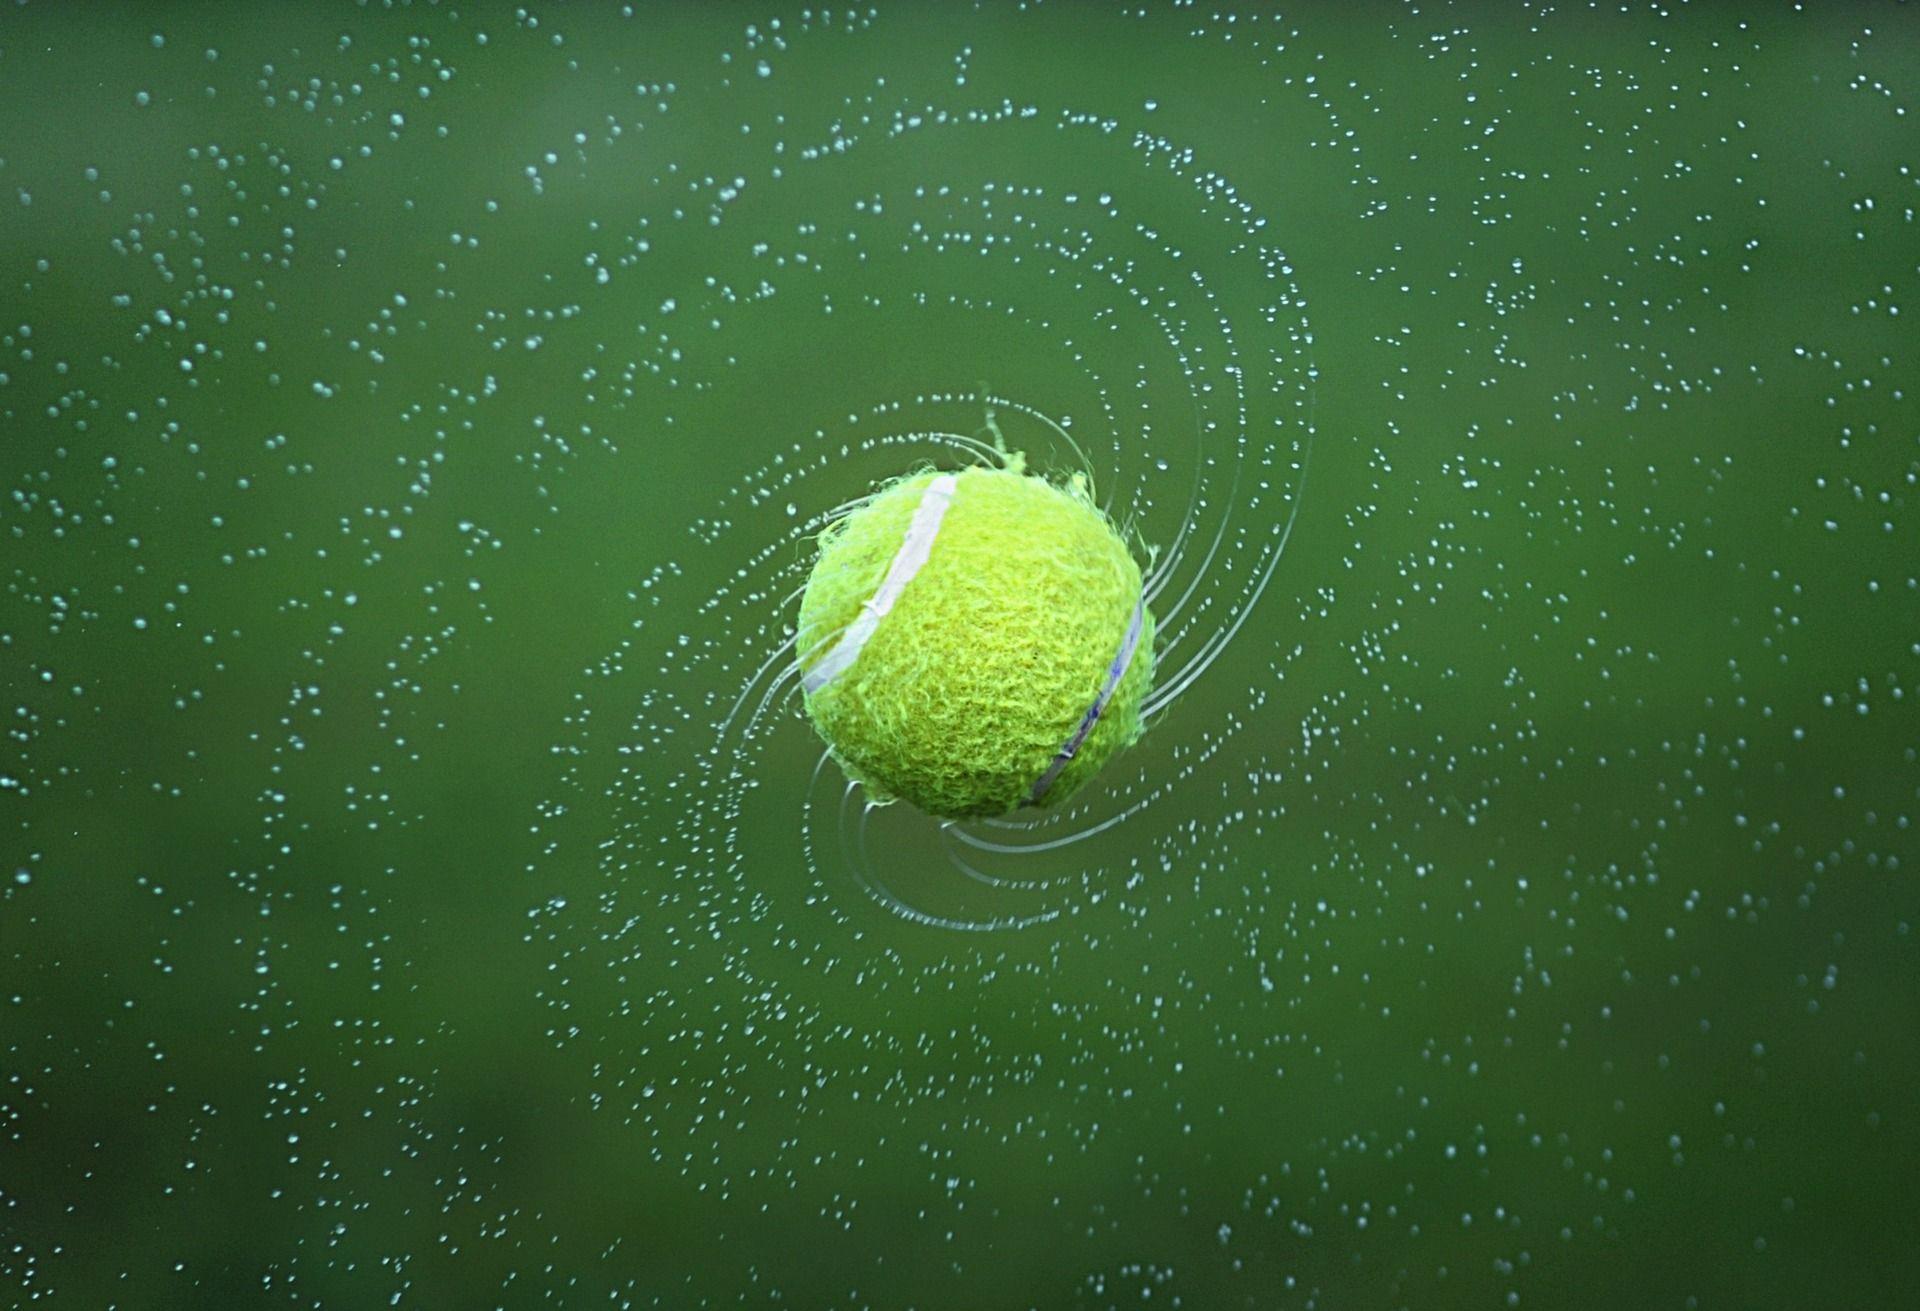 pelota de tenis, bola, tenis, agua, giro, verde - Fondos de Pantalla - professor-falken.com